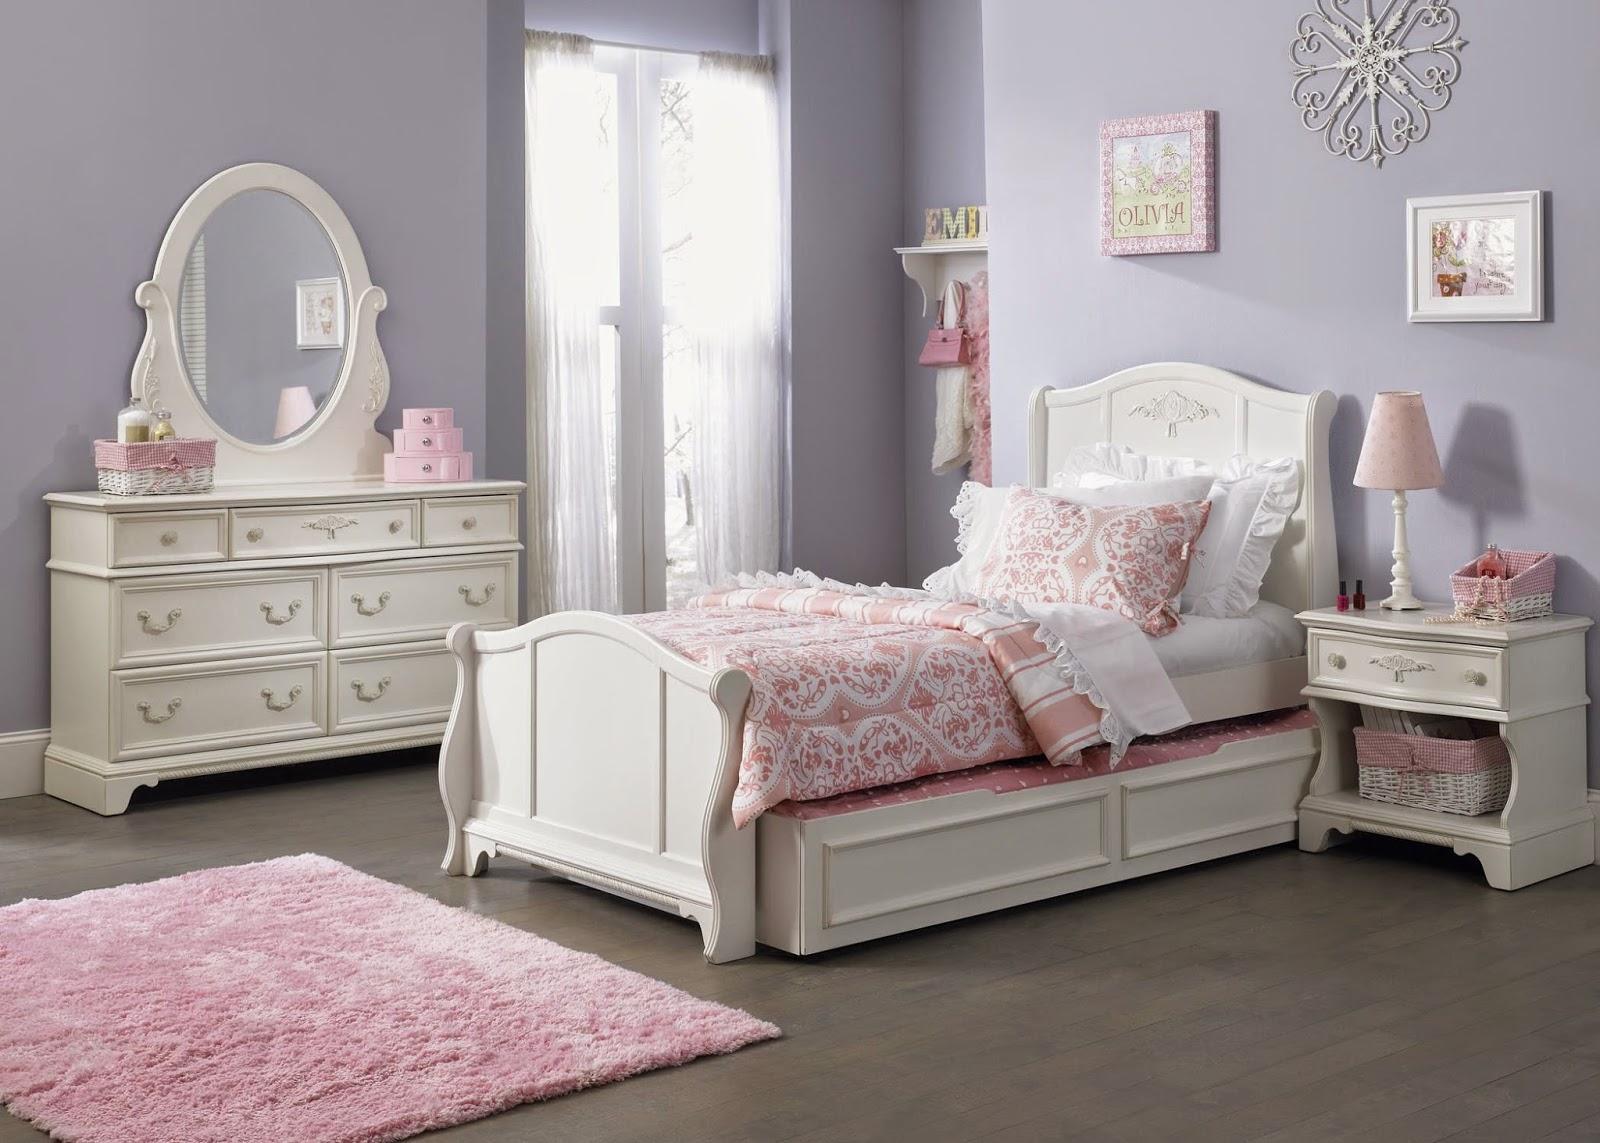 Tips de decoraci n de dormitorios juveniles for Arelle ikea